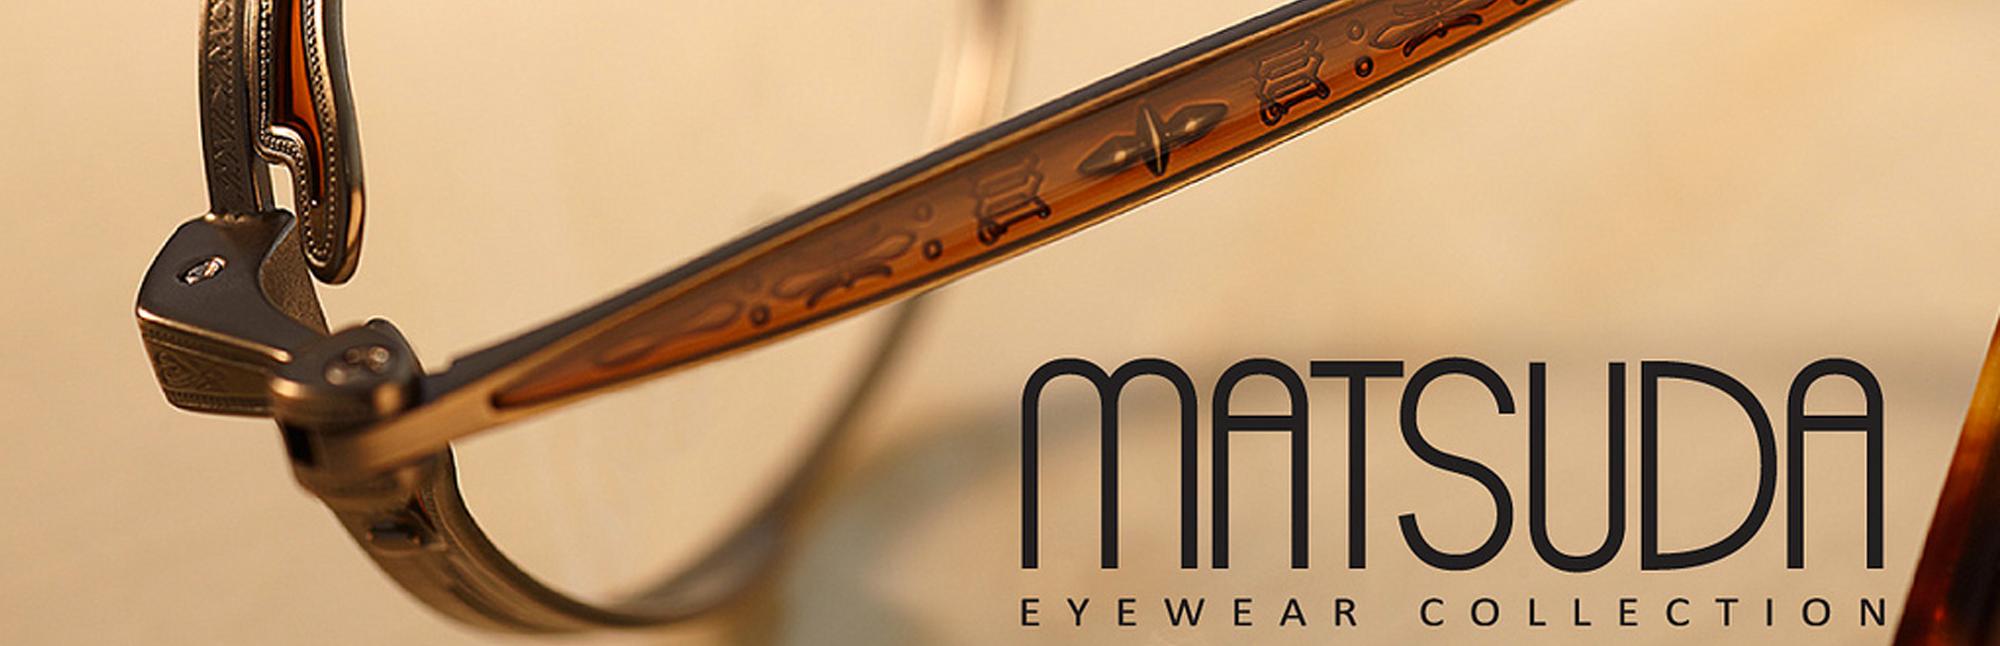 Matsuda Eyewear | Matsuda Eyewear is the legendary luxury Japanese ...